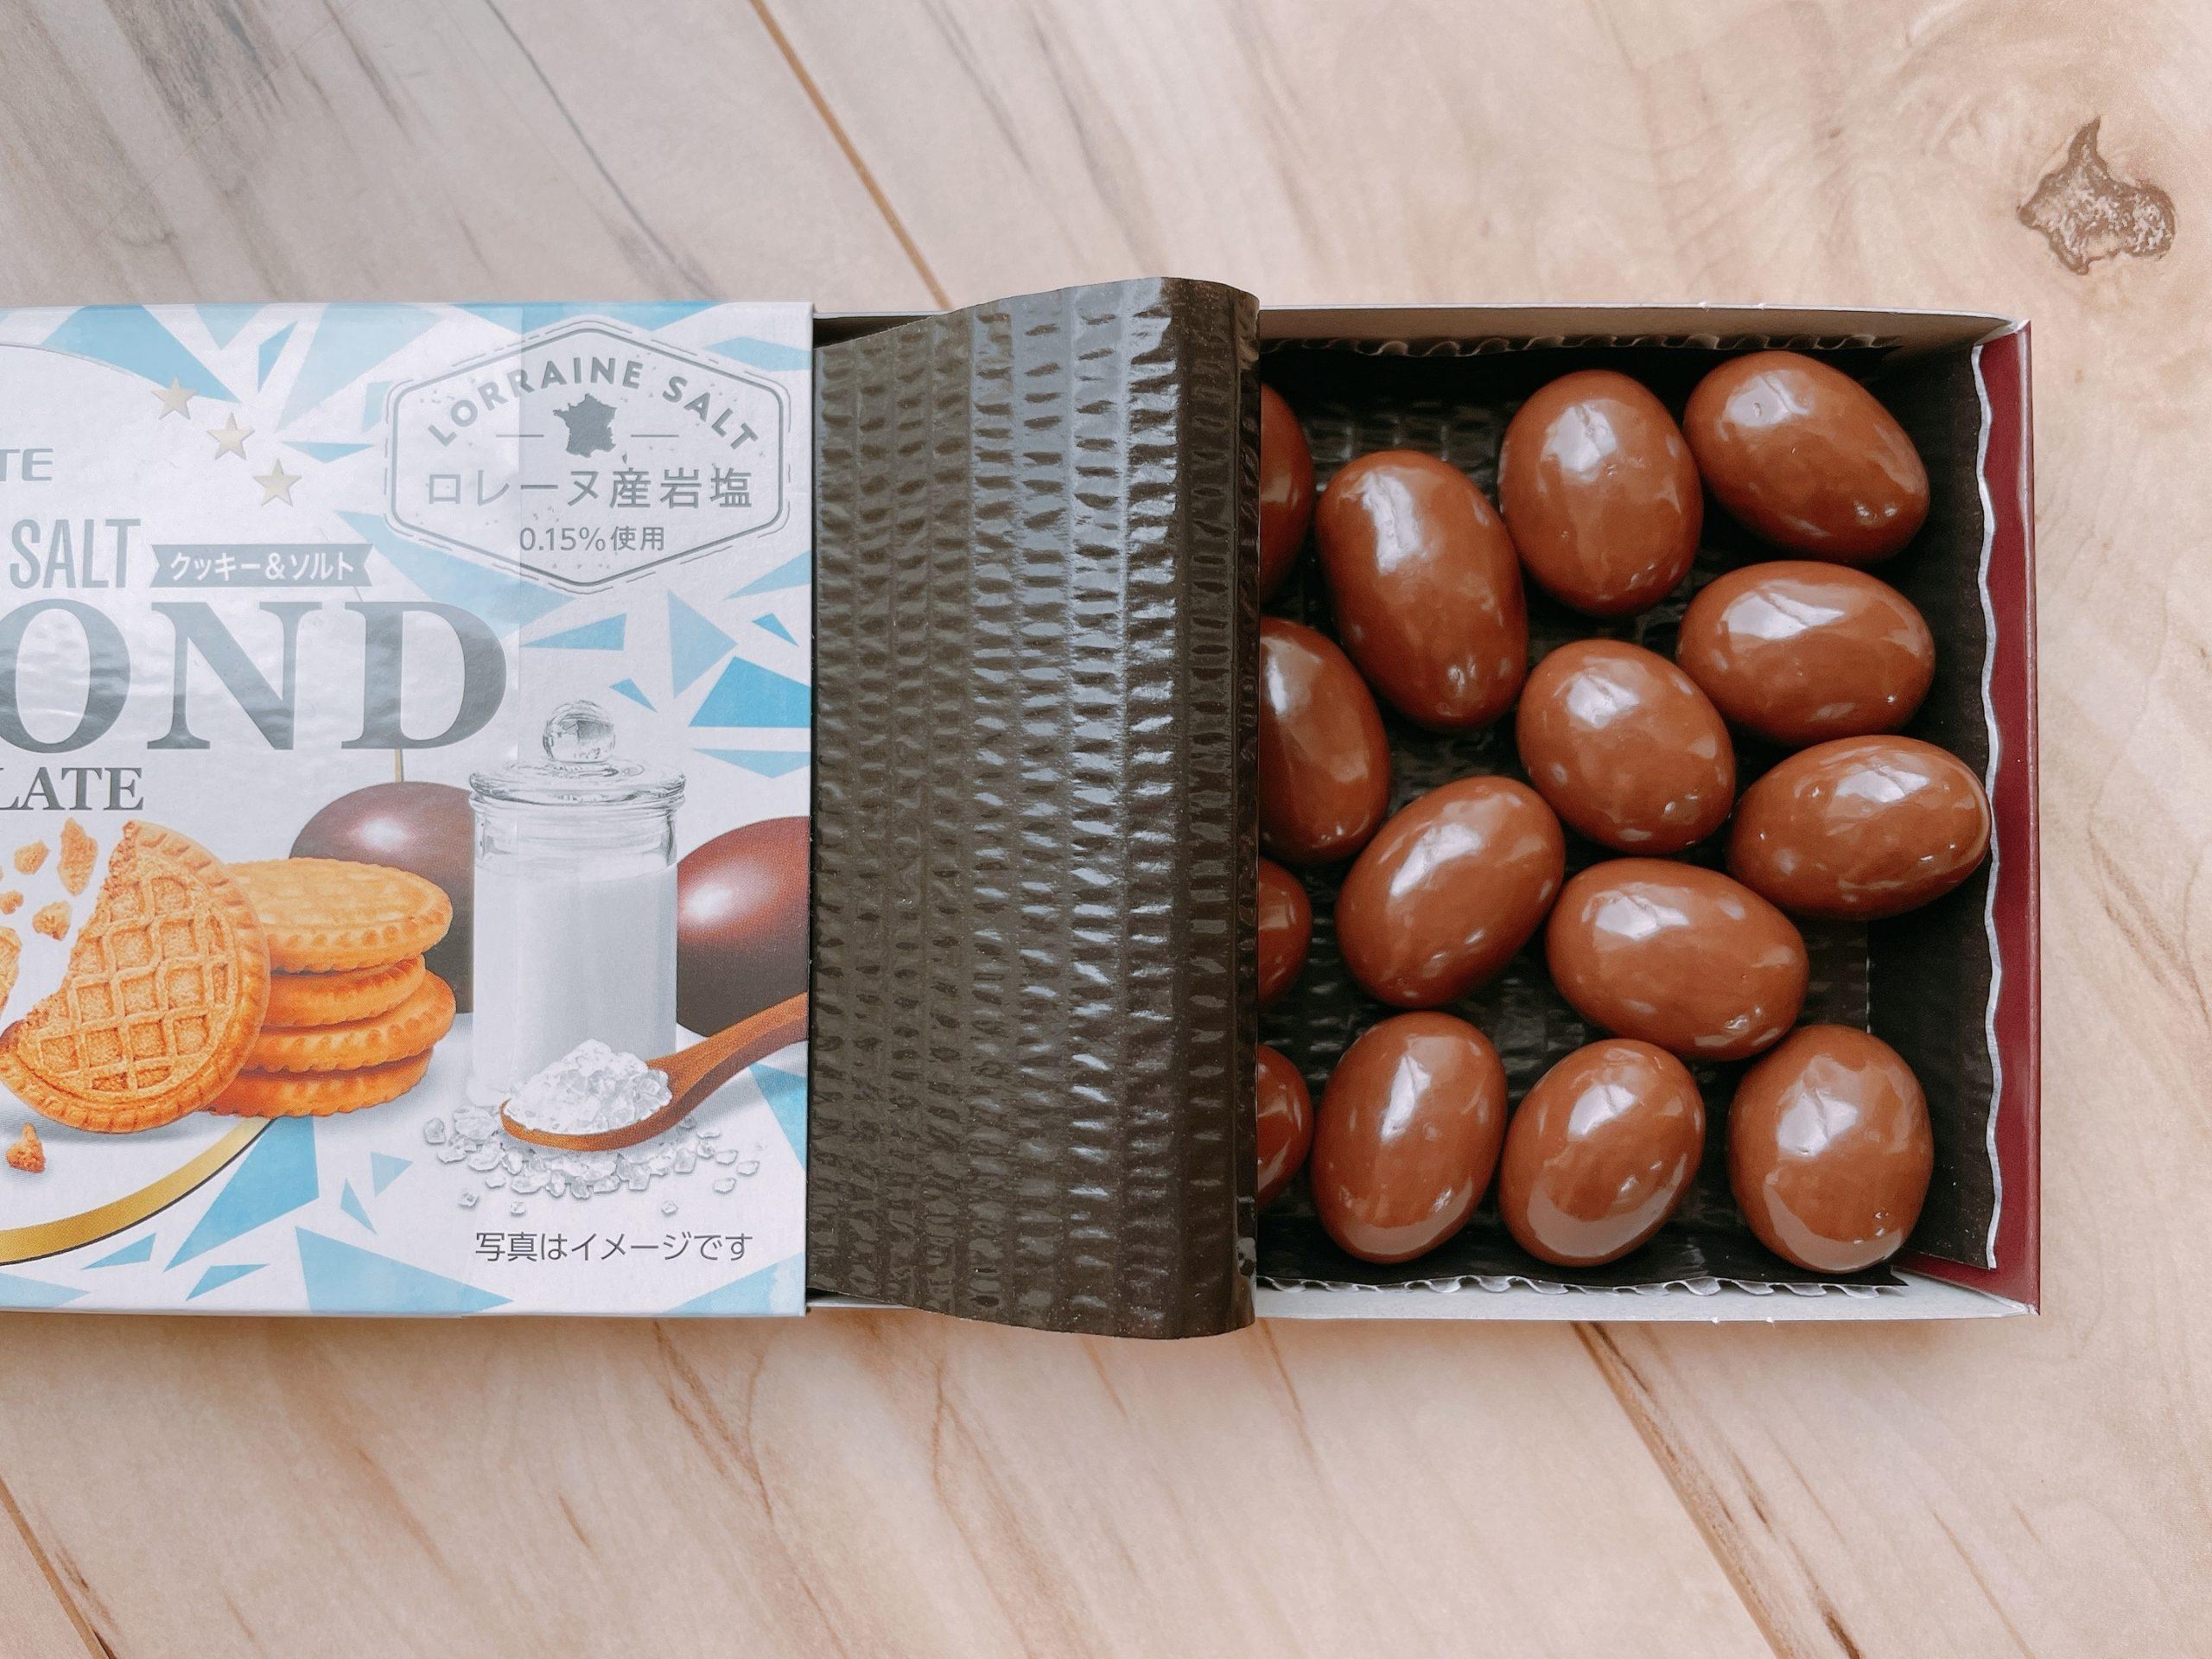 アーモンドチョコレート<クッキー&ソルト>は、組み合わせが素晴らしい